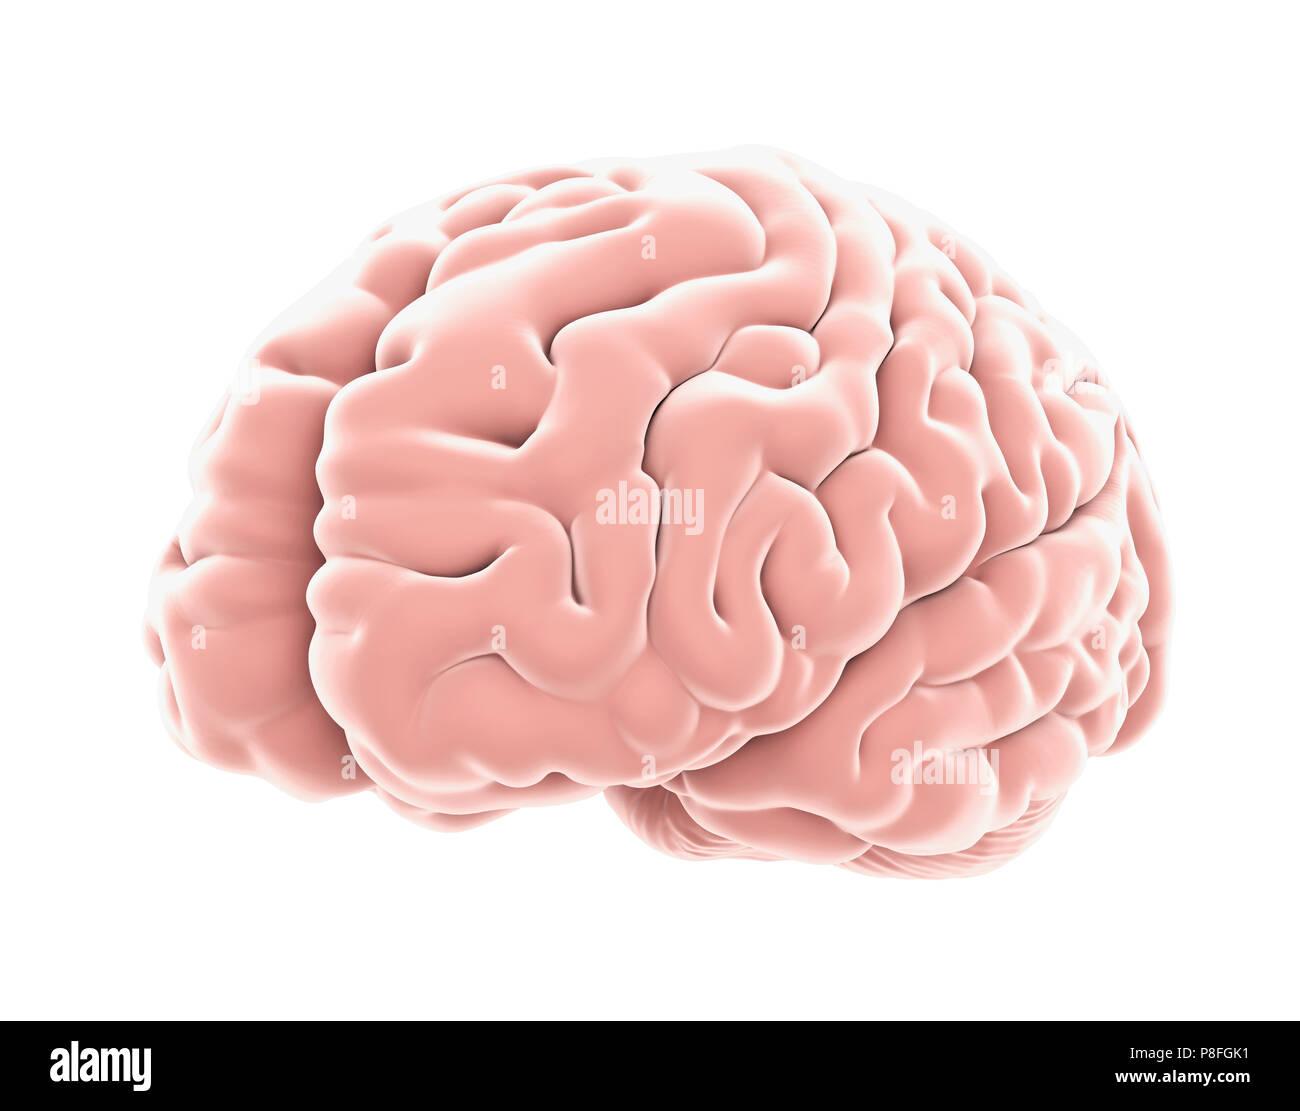 Die menschliche Anatomie des Gehirns isoliert Stockfoto, Bild ...